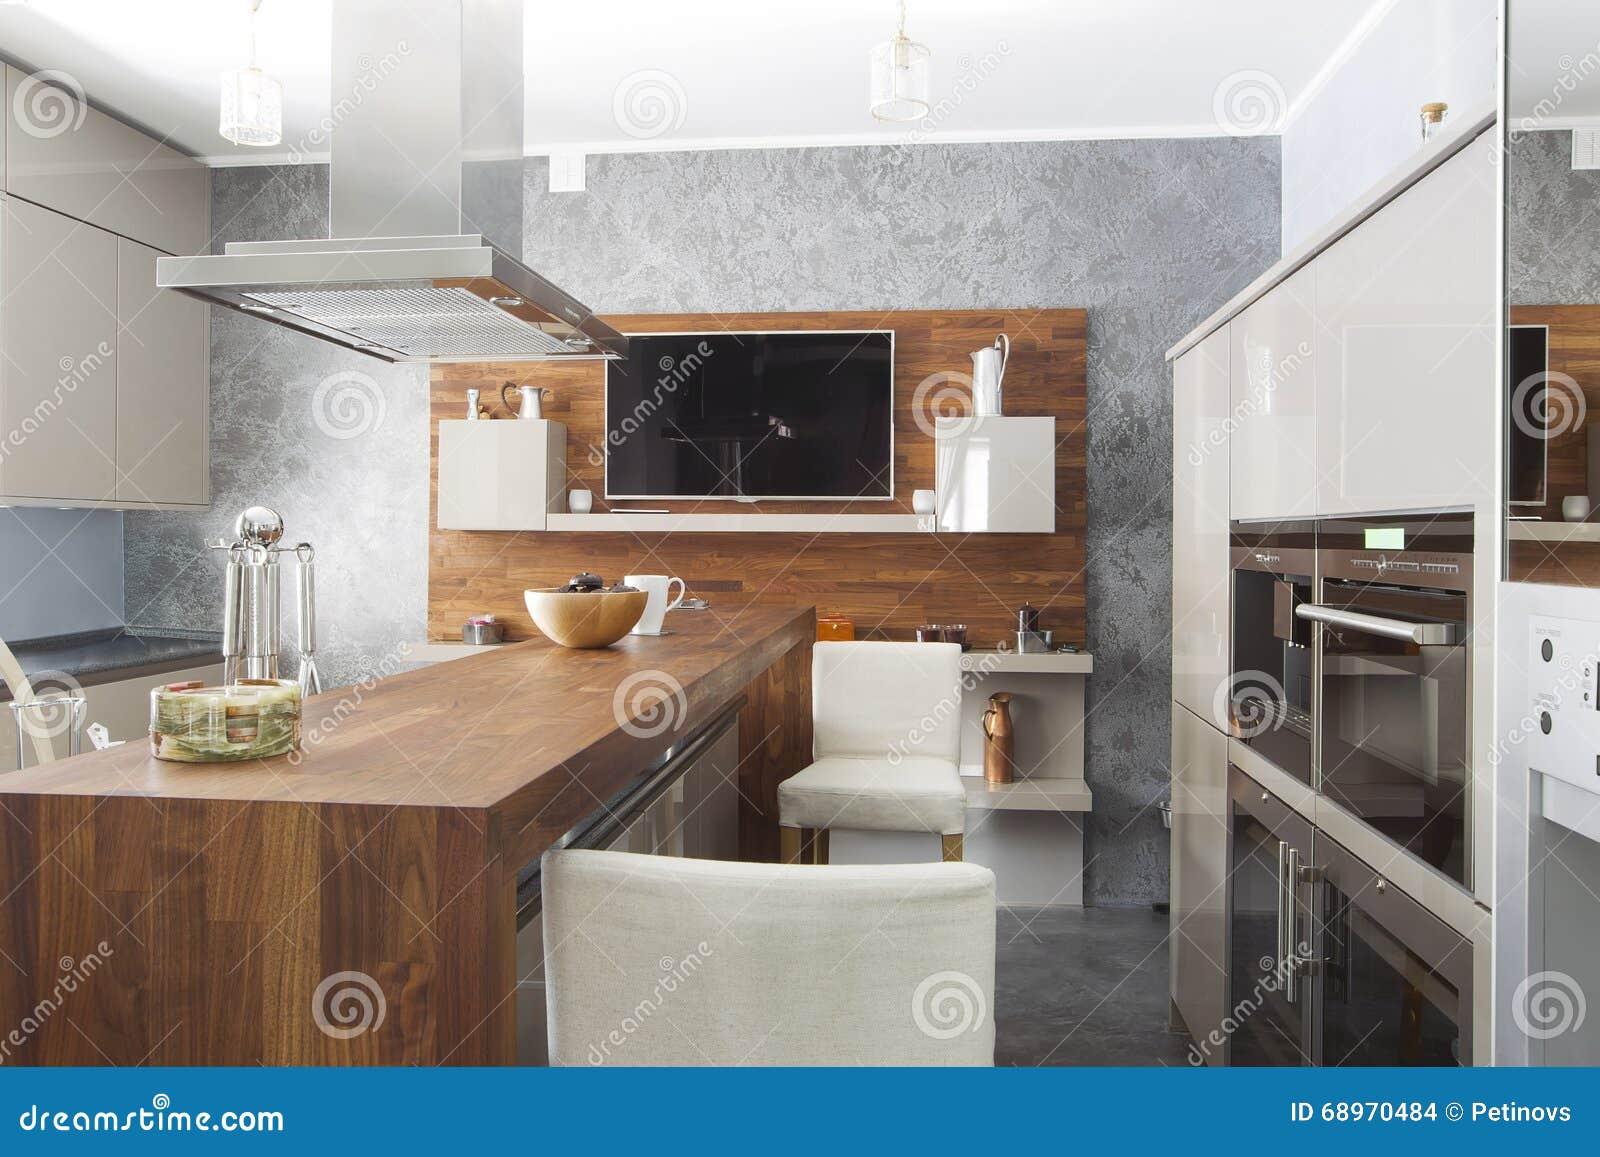 Küche Im Luxushaus Mit Großer Mittelinsel Stockfoto - Bild von leben ...